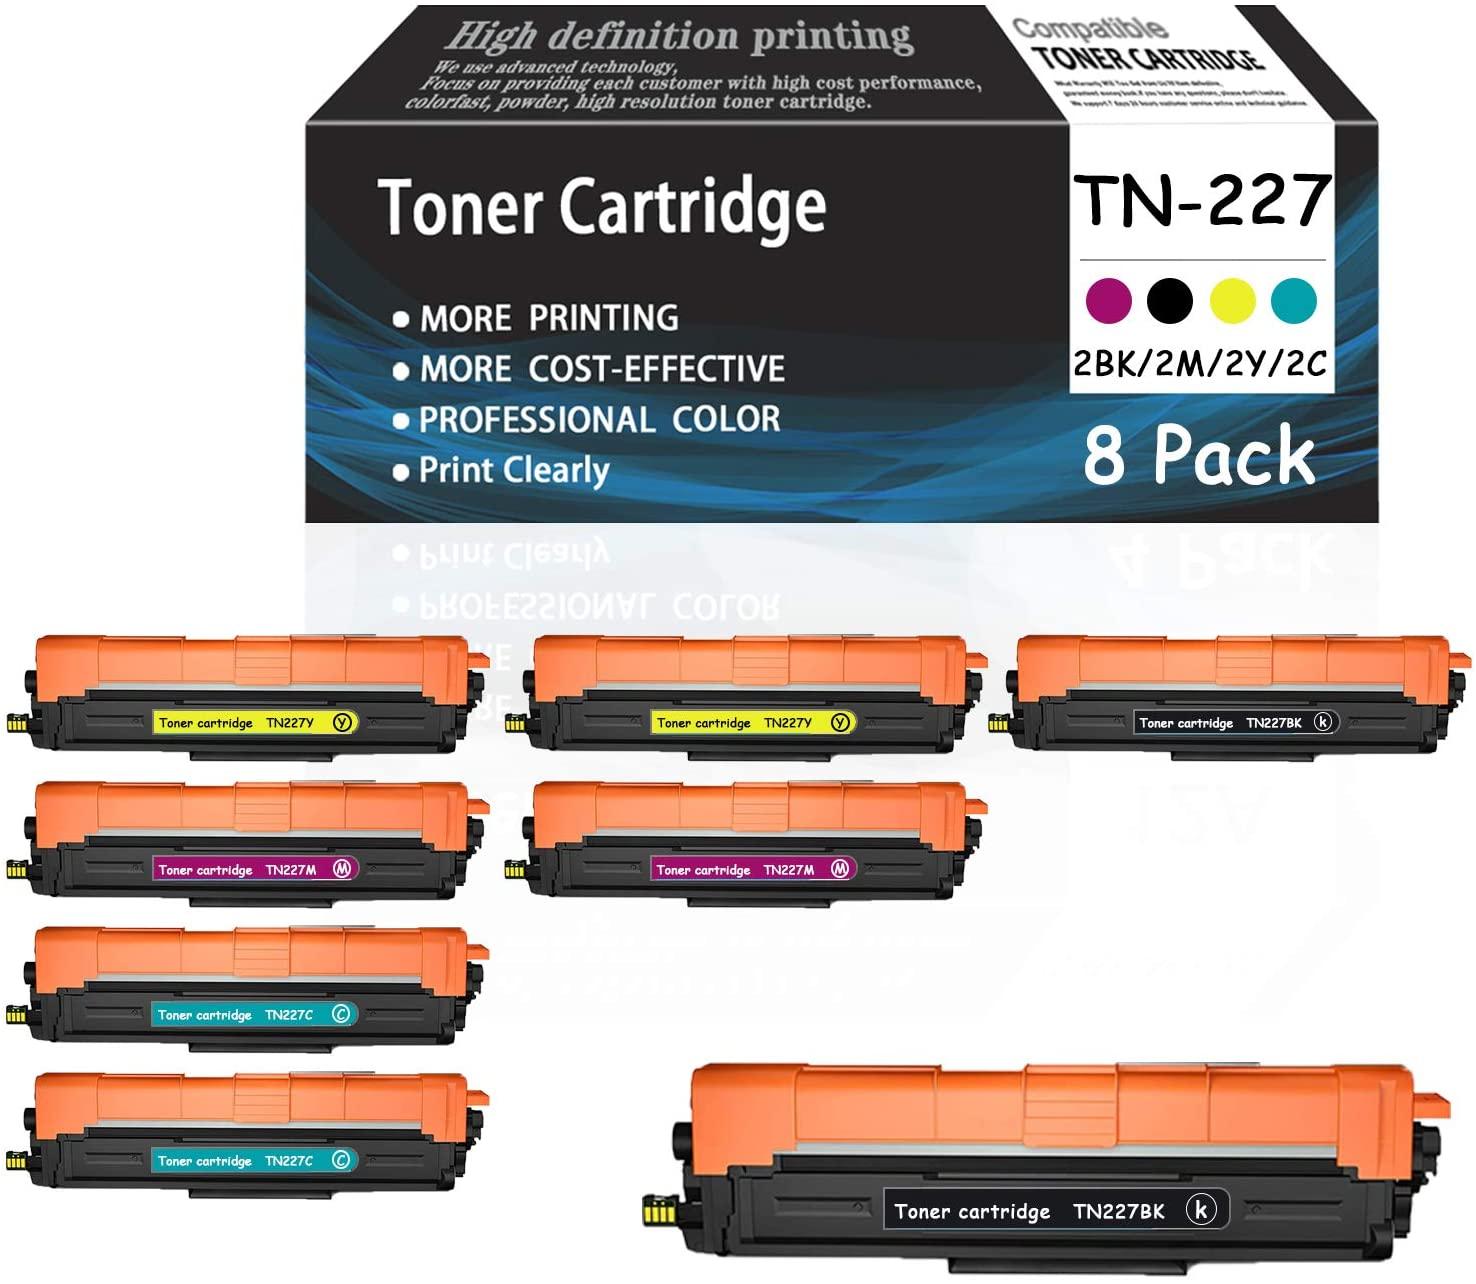 (8 Pack,2BK+2M+2Y+2C) TN227 TN227BK TN227C TN227M TN227Y TonerCartridgeCompatibleforBrother MFC-L3770CDW L3710CW L3750CDW L3730CDW HL-3210CW 3230CDW 3270CDW DCP-L3510CDW Printers,Sold by AcToner.